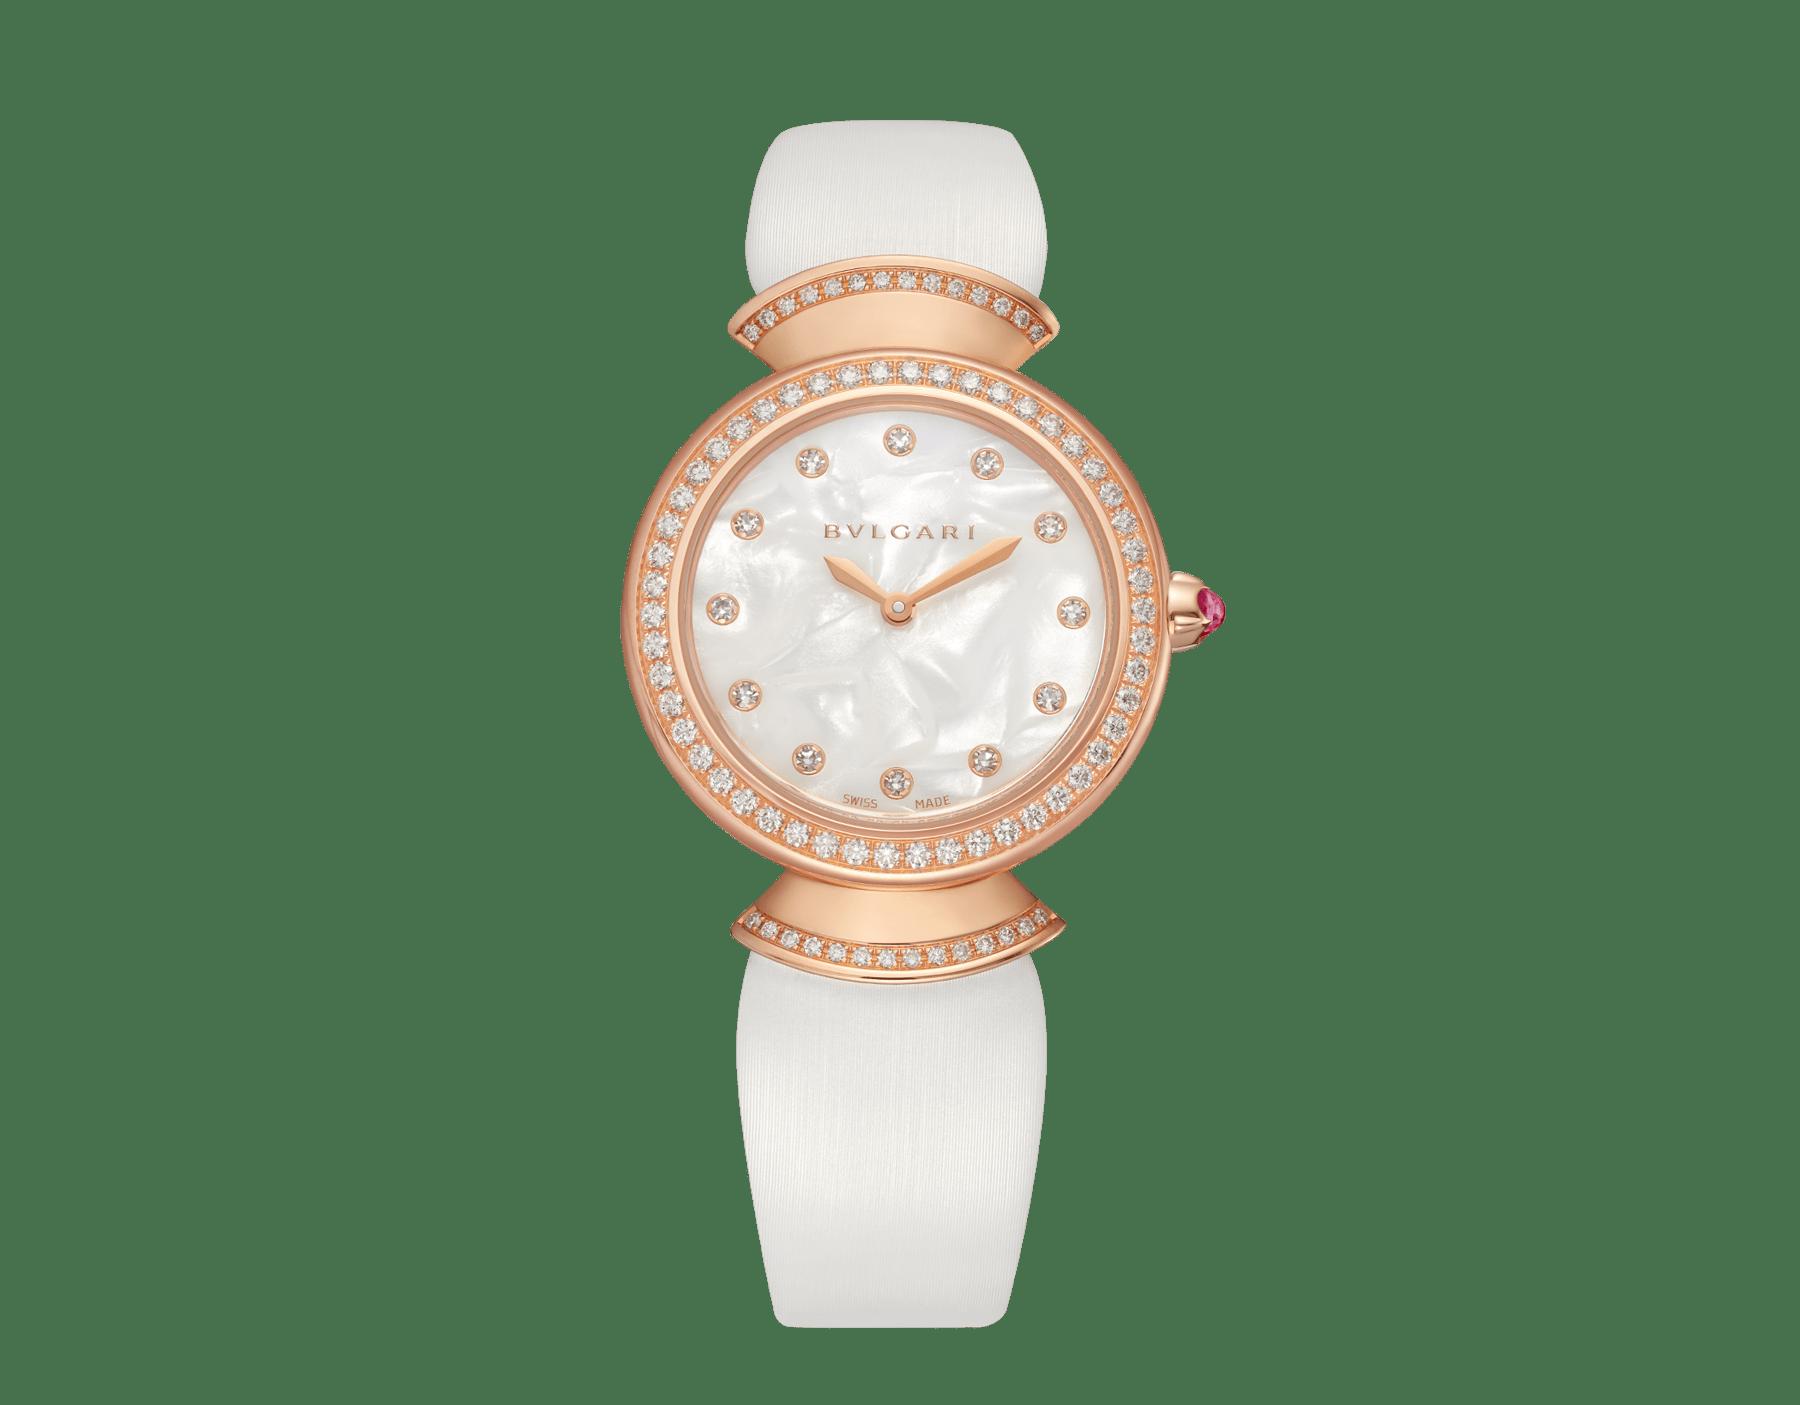 DIVAS' DREAM 腕錶,18K 玫瑰金錶殼鑲飾明亮型切割鑽石。天然醋酸纖維錶盤,鑽石時標,白色緞面錶帶。 102433 image 1